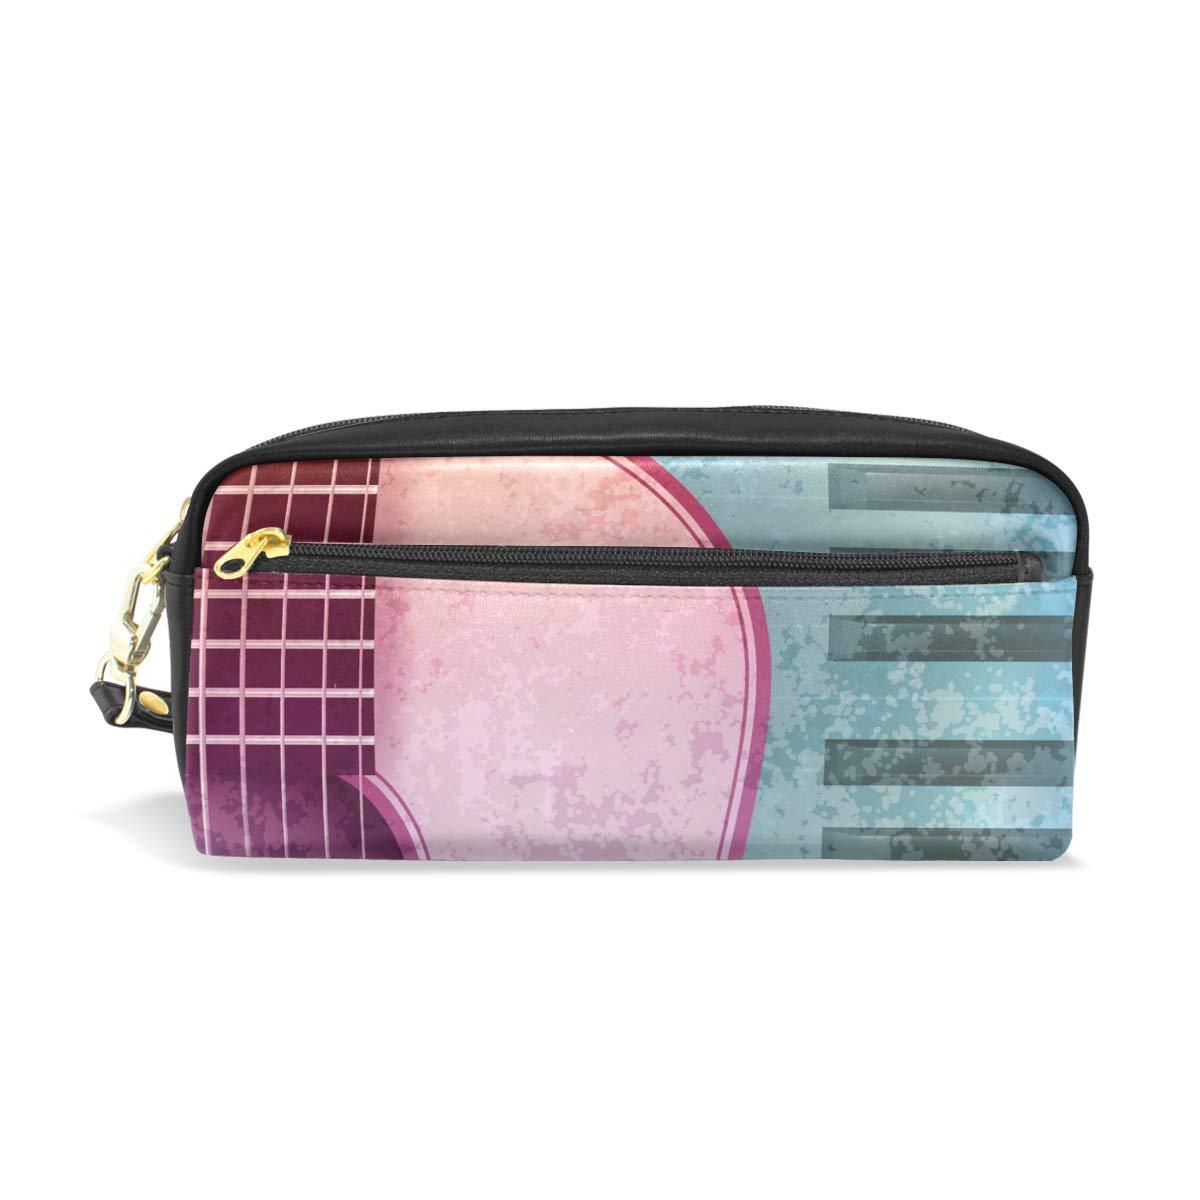 CPYang - Estuche de piel con cremallera para lápices y guitarras: Amazon.es: Oficina y papelería